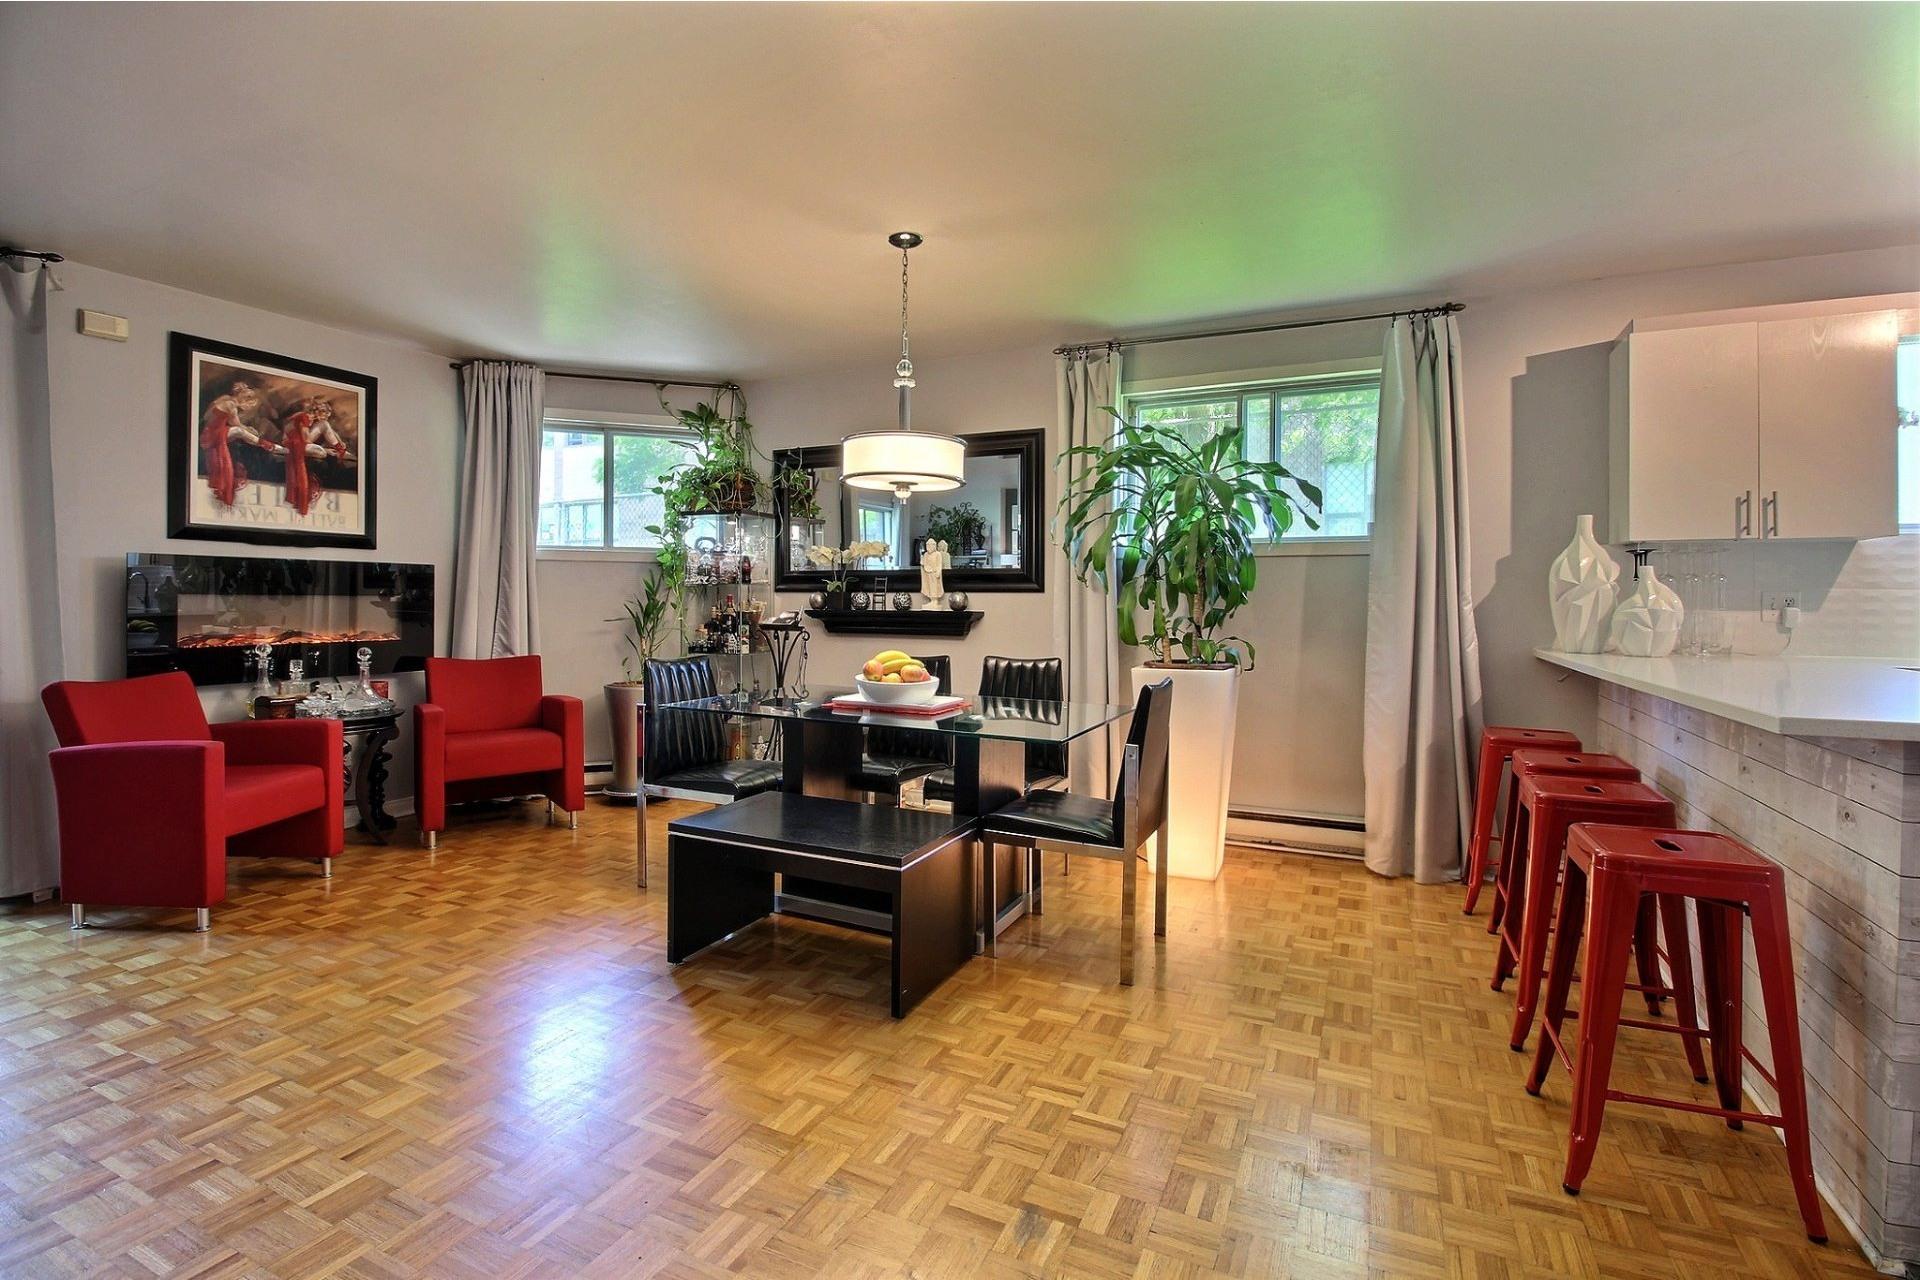 image 3 - Appartement À vendre Montréal Rivière-des-Prairies/Pointe-aux-Trembles  - 5 pièces